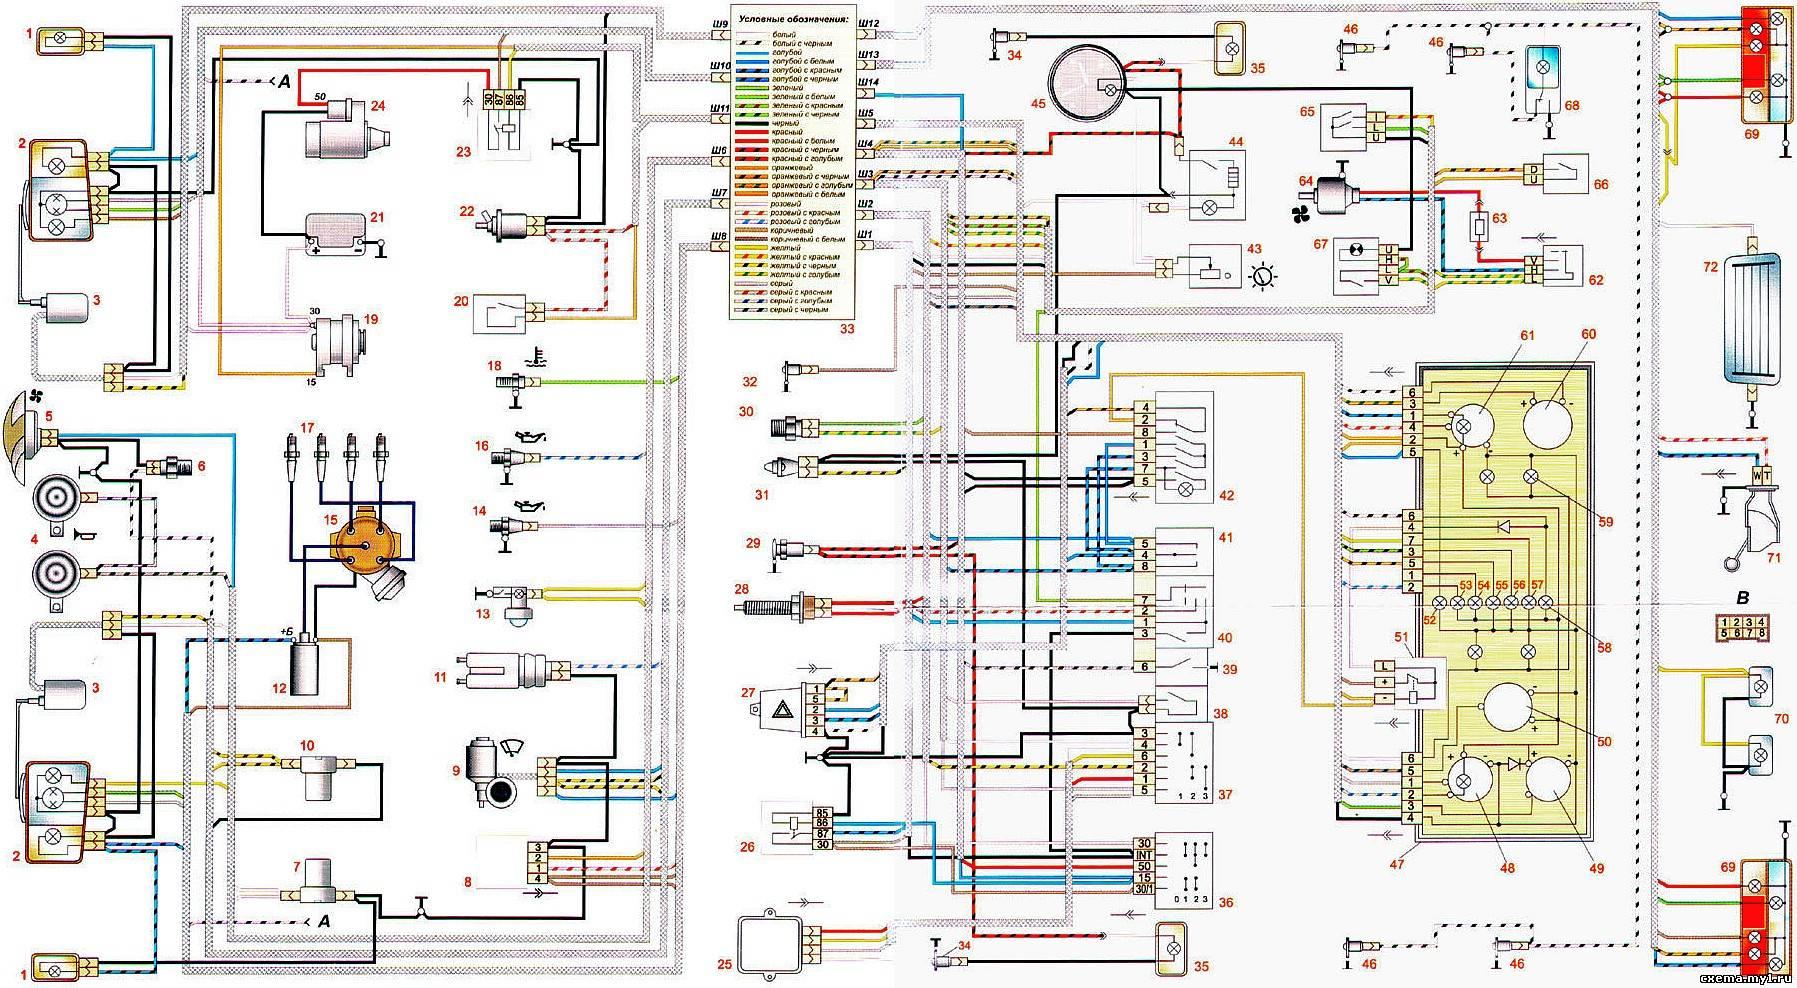 Принципиальная электрическая схема ваз 21110 » Схемы ...: http://malobi.ru/2013/08/03/printsipial-naya-e-lektricheskaya-shema-vaz-21110/